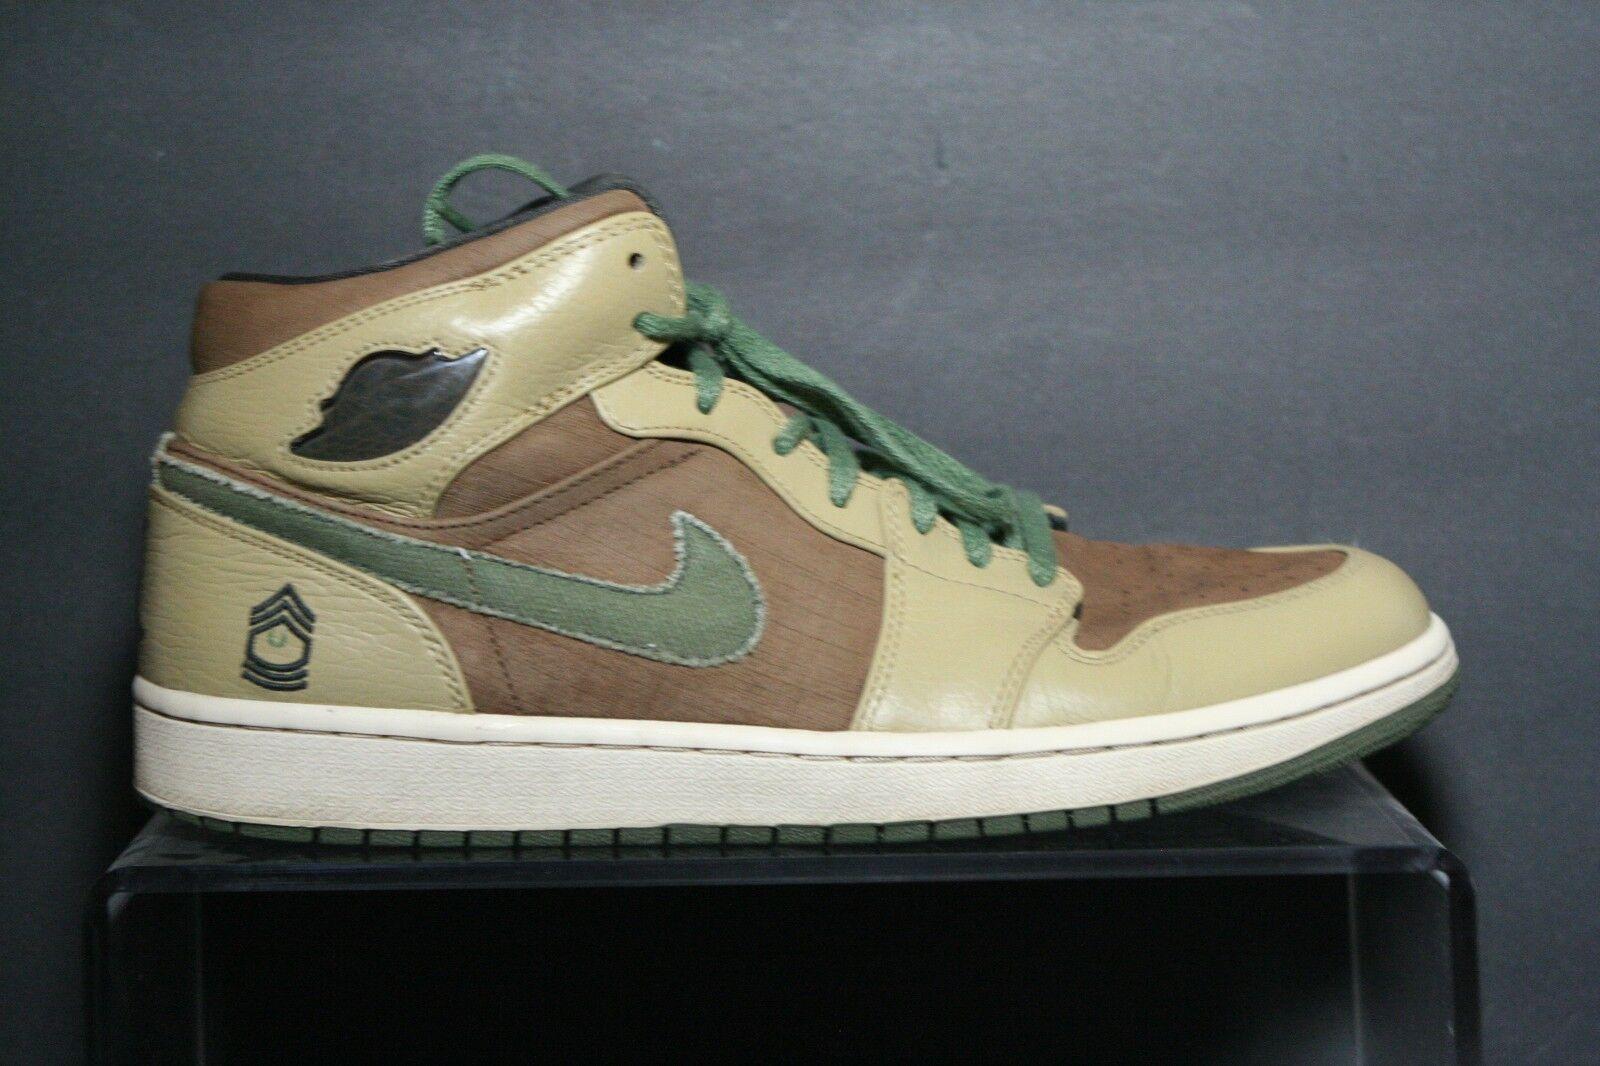 Nike Air Jordan Jordan Jordan 1 Retro Hi Armed Forces 2007 Multi Camo Men 12 Athletic B-Ball a1b104